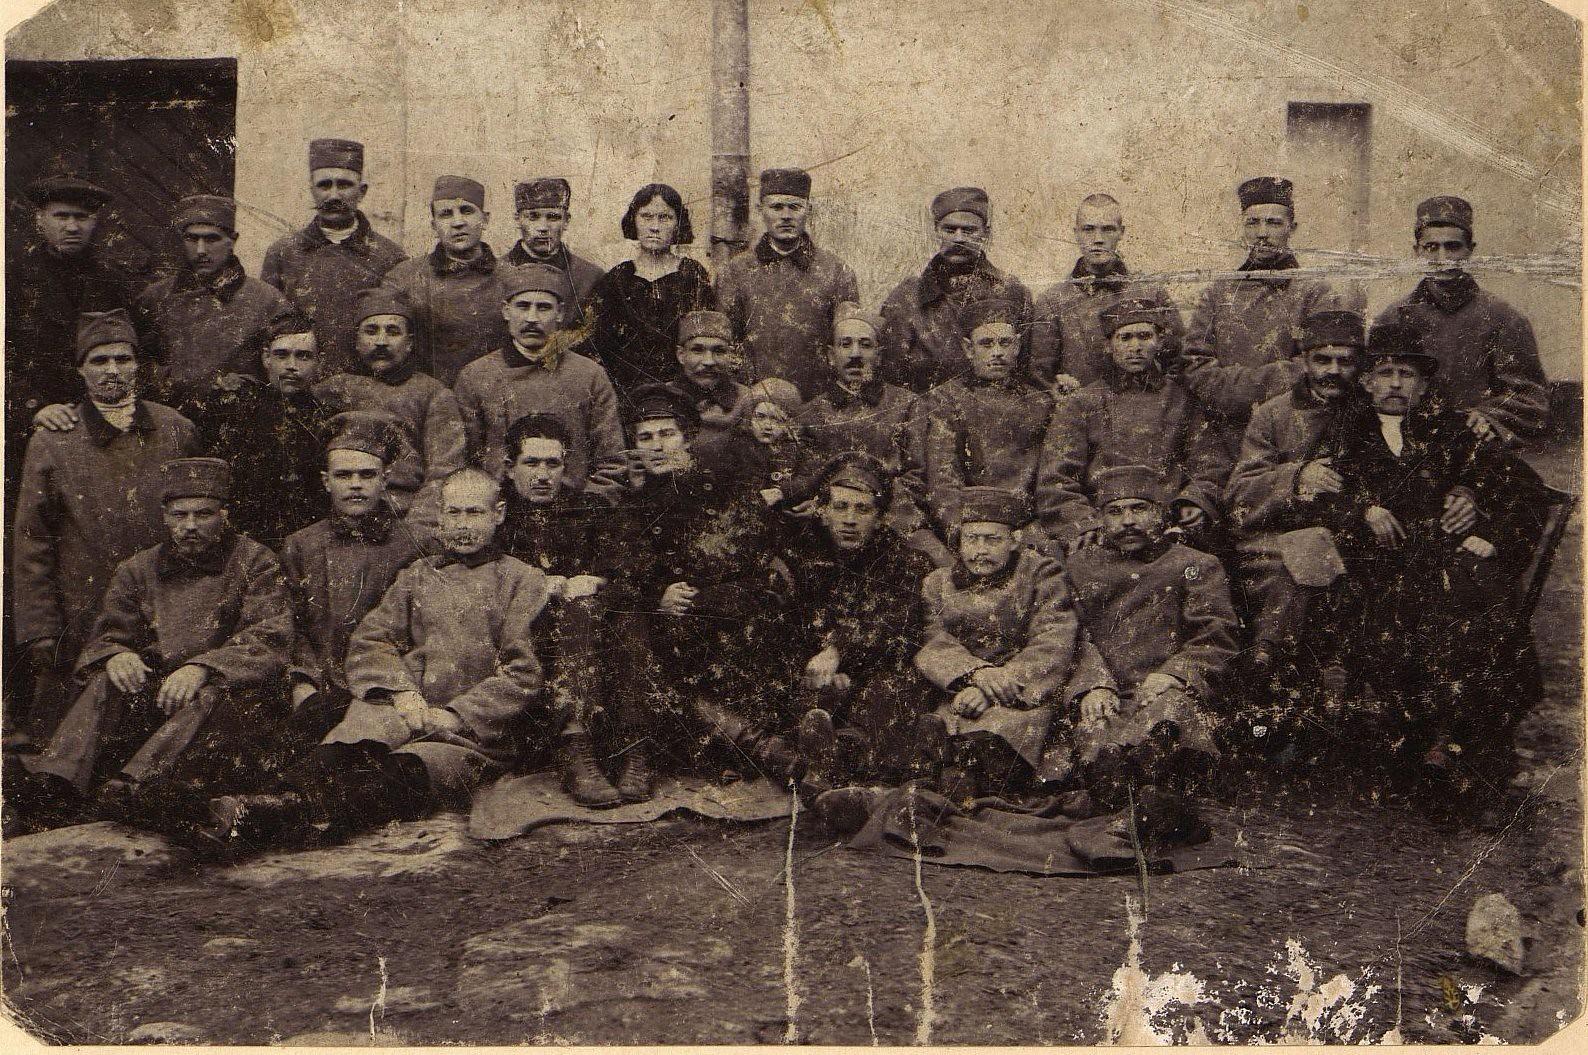 08. Февраль. Политические заключённые, освобождённые из Николаевской тюрьмы во время Февральской революции